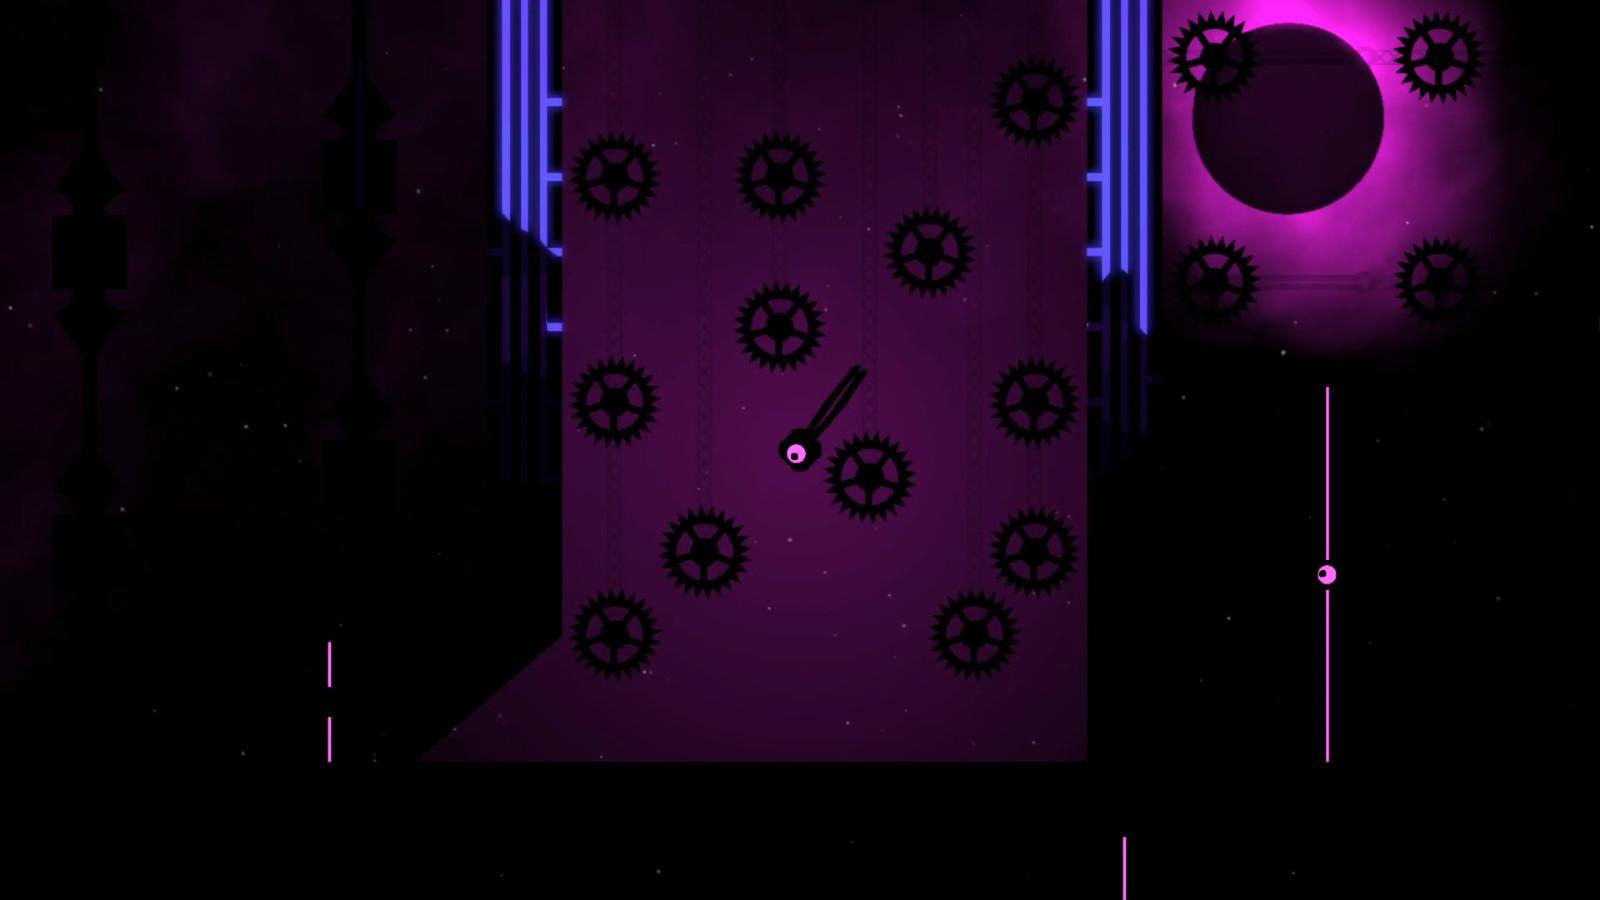 iota screenshot